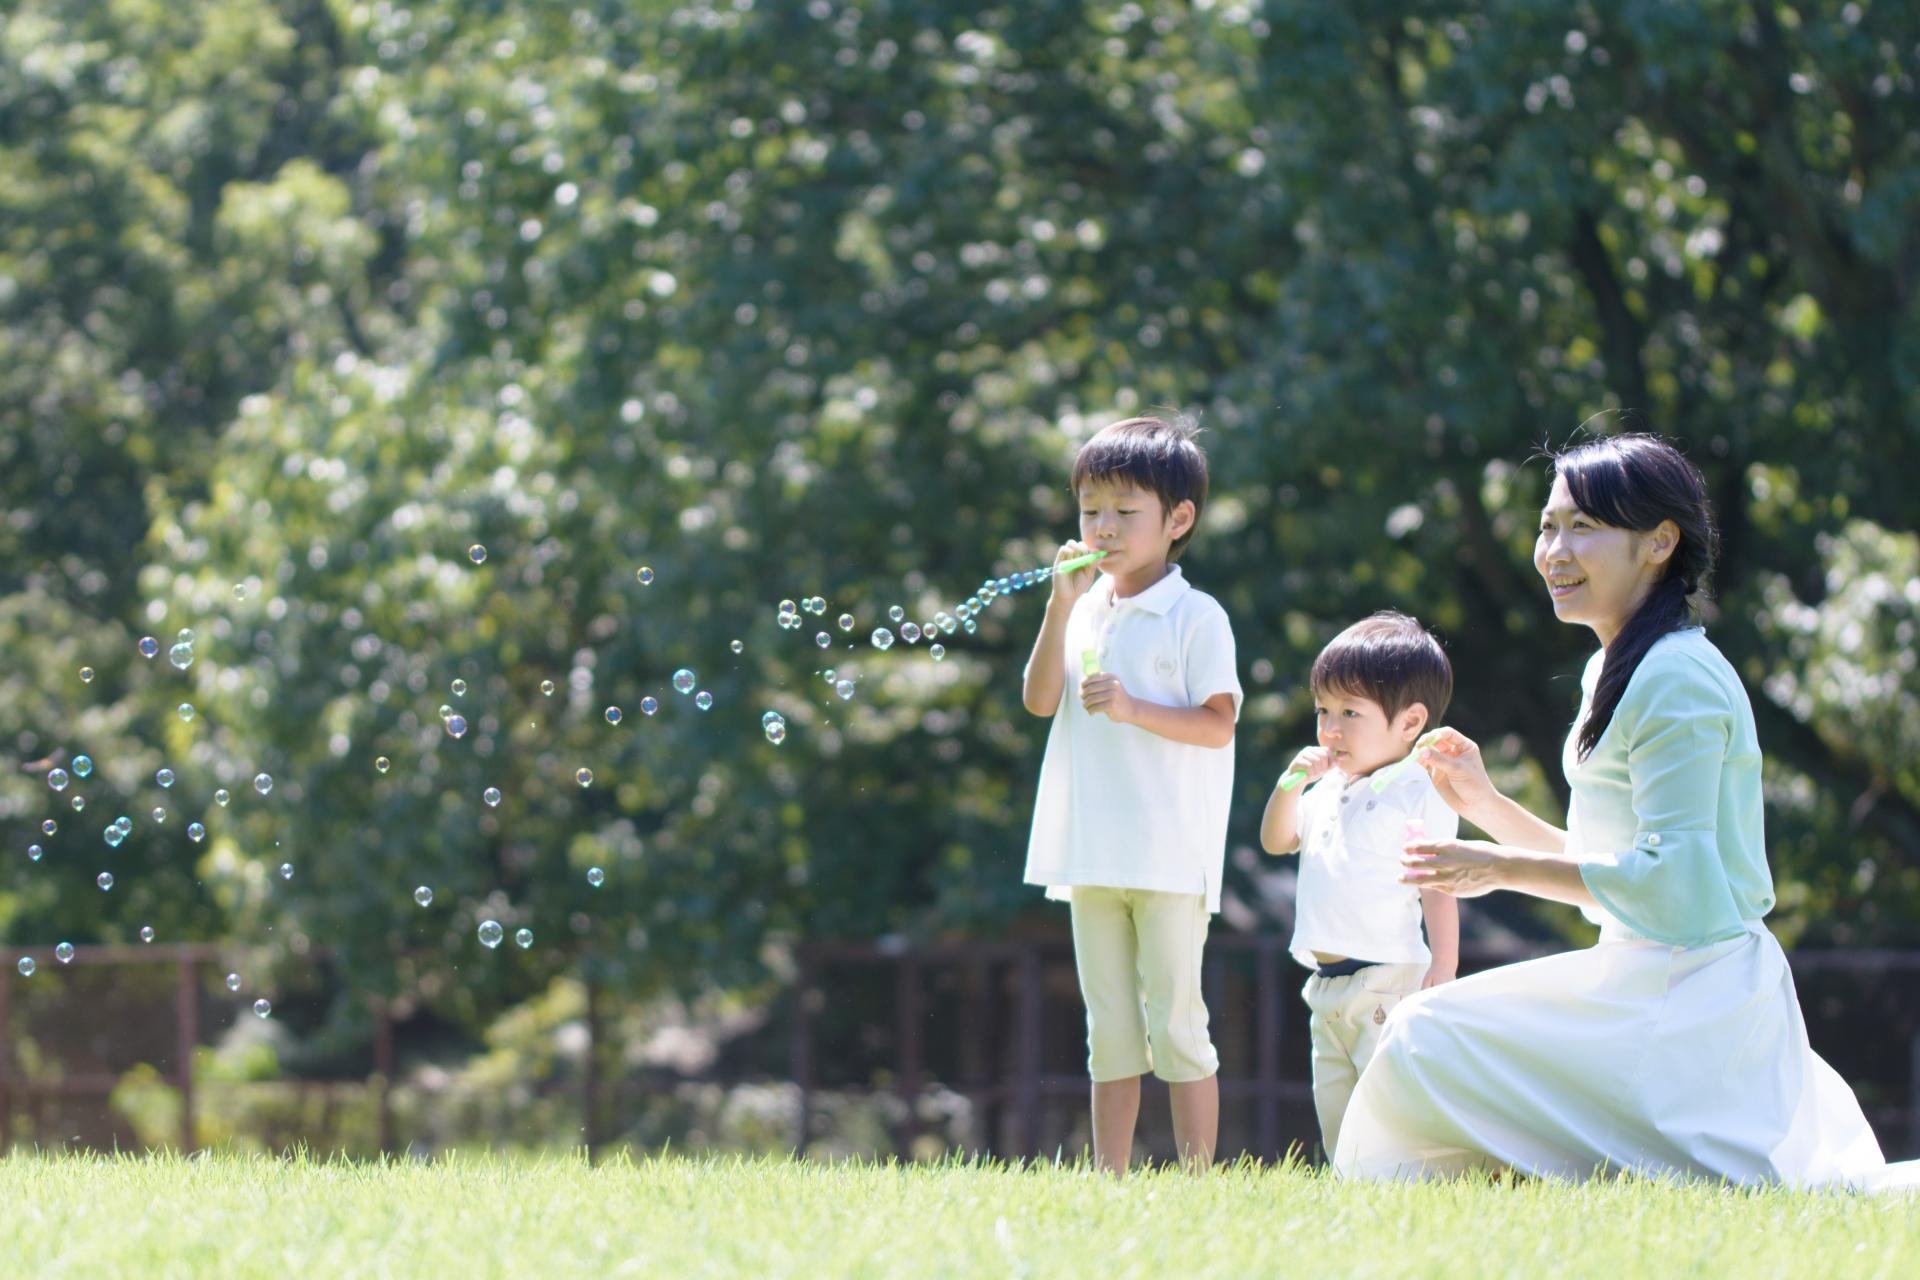 千葉県の公園特集!犬の散歩やデートでも使える人気のおすすめスポットなど!